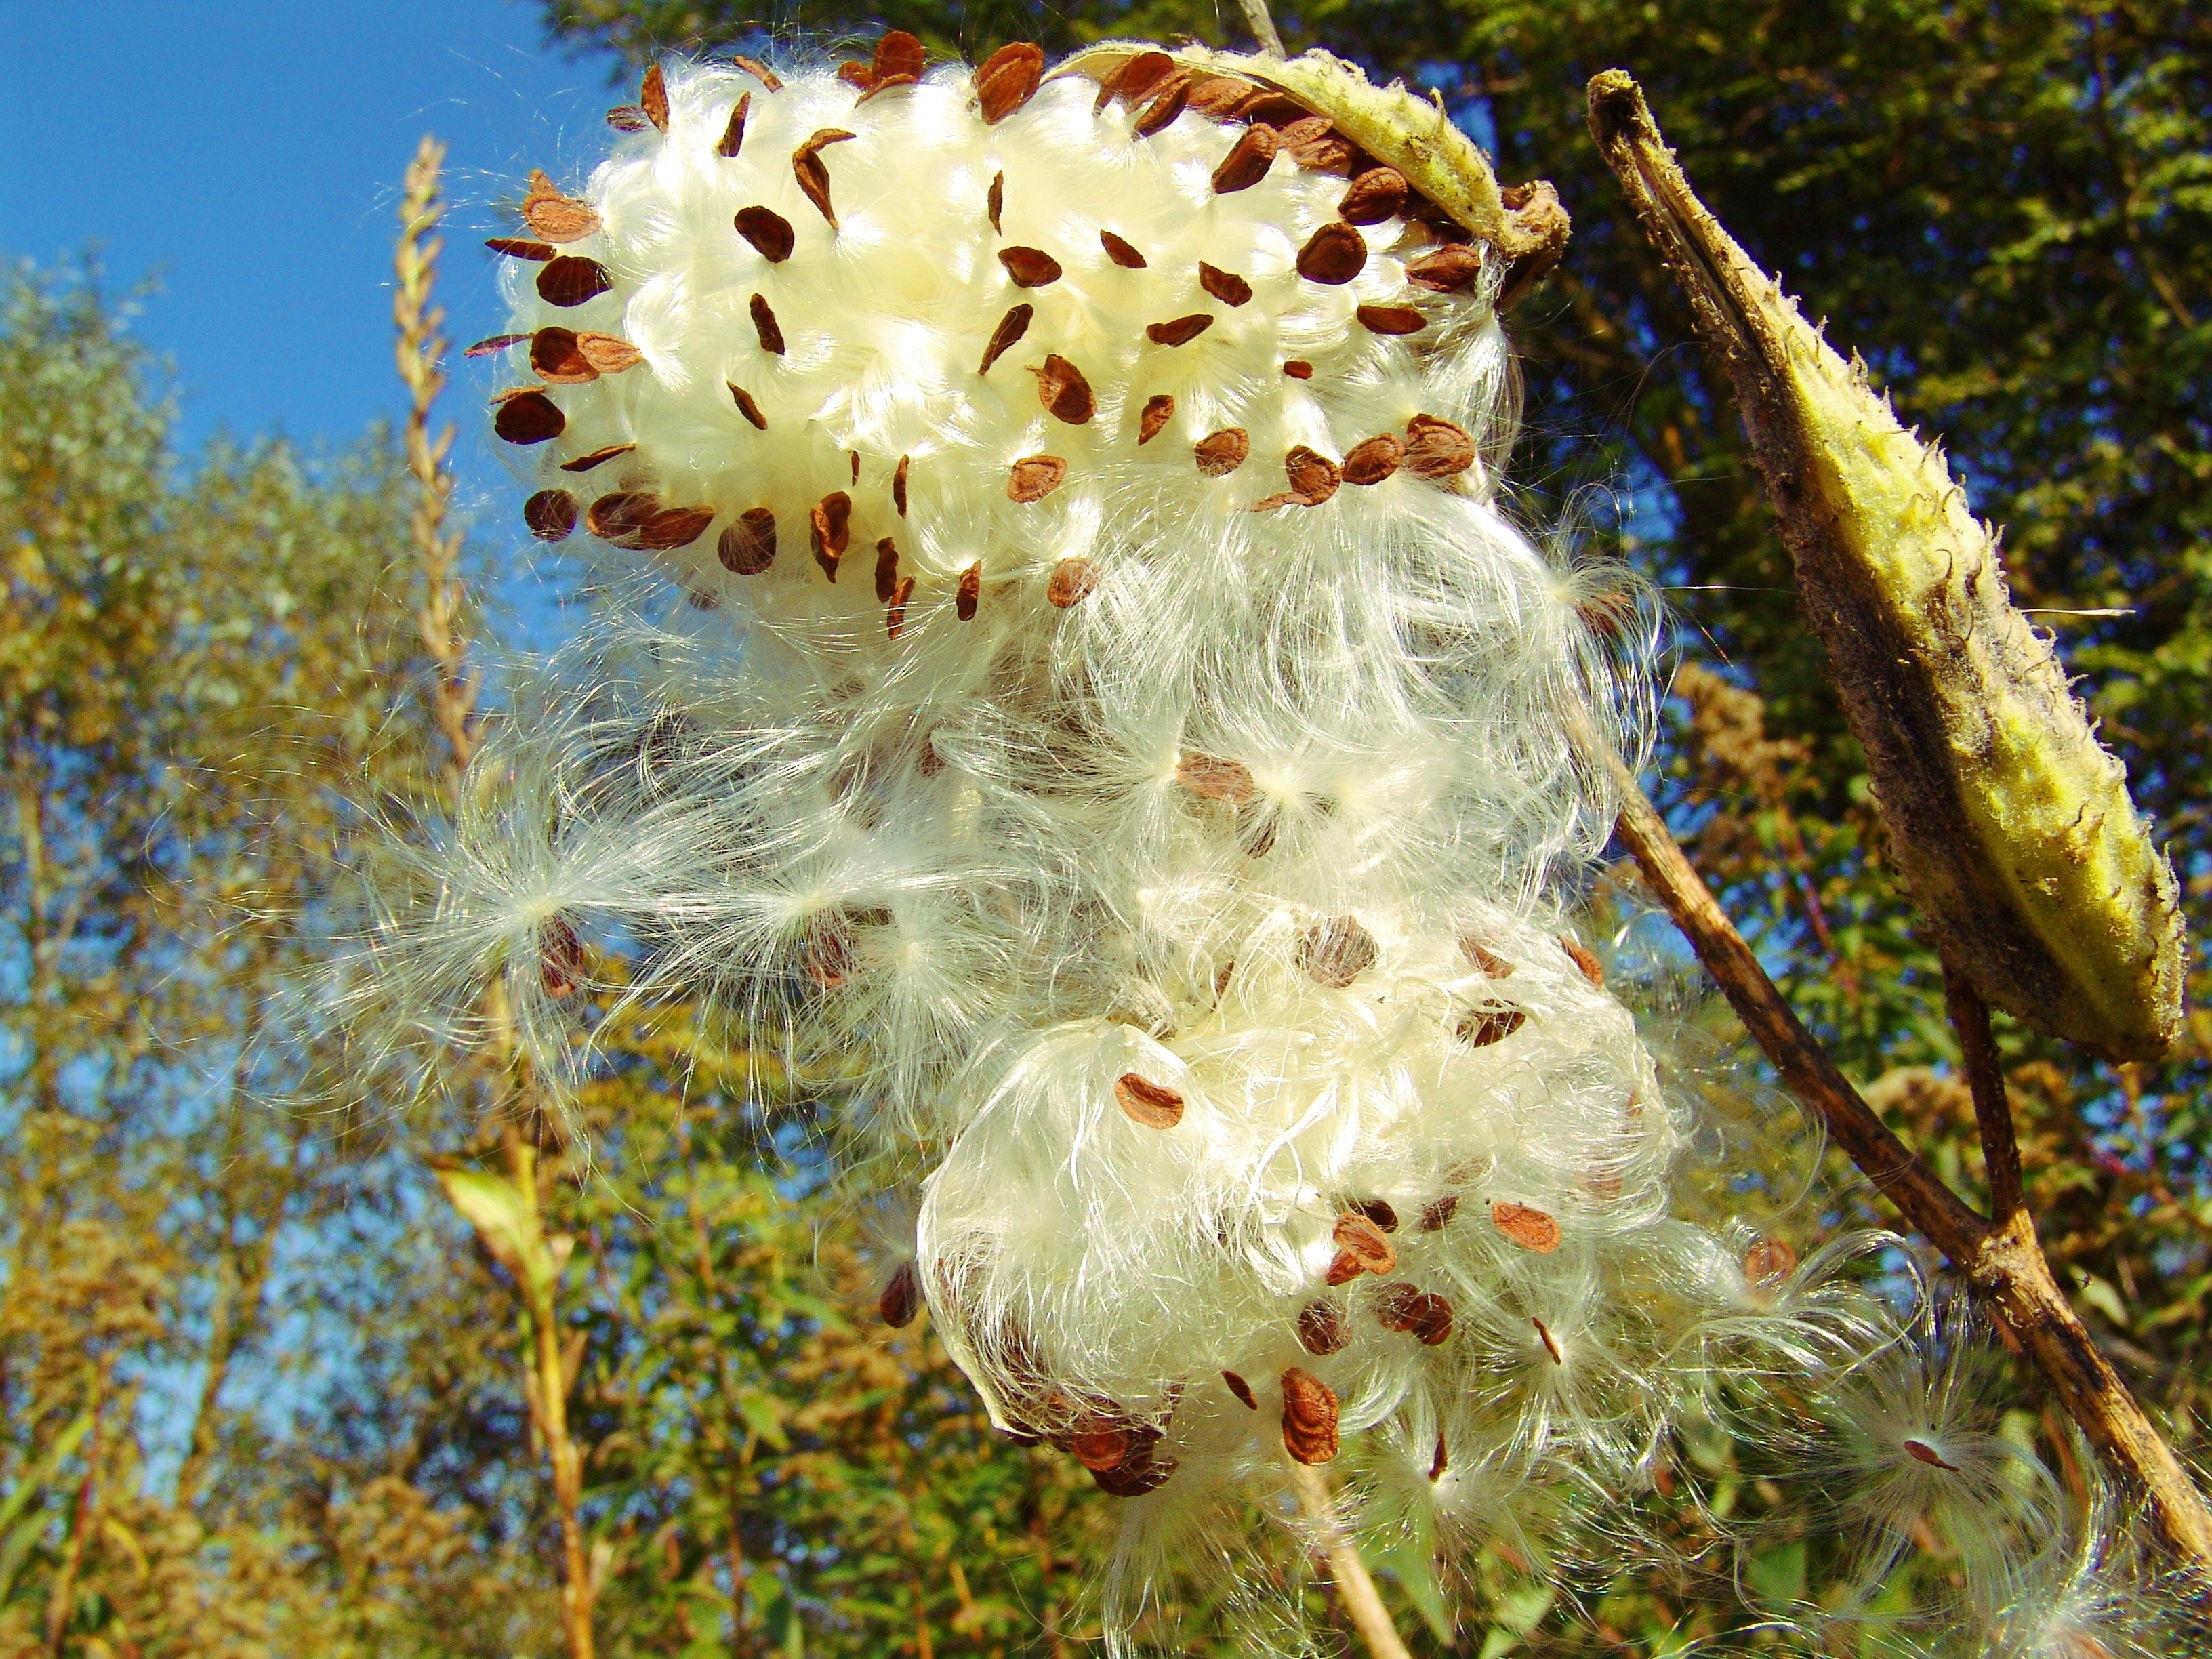 images gratuites : arbre, la nature, fleur, feuille, pollen